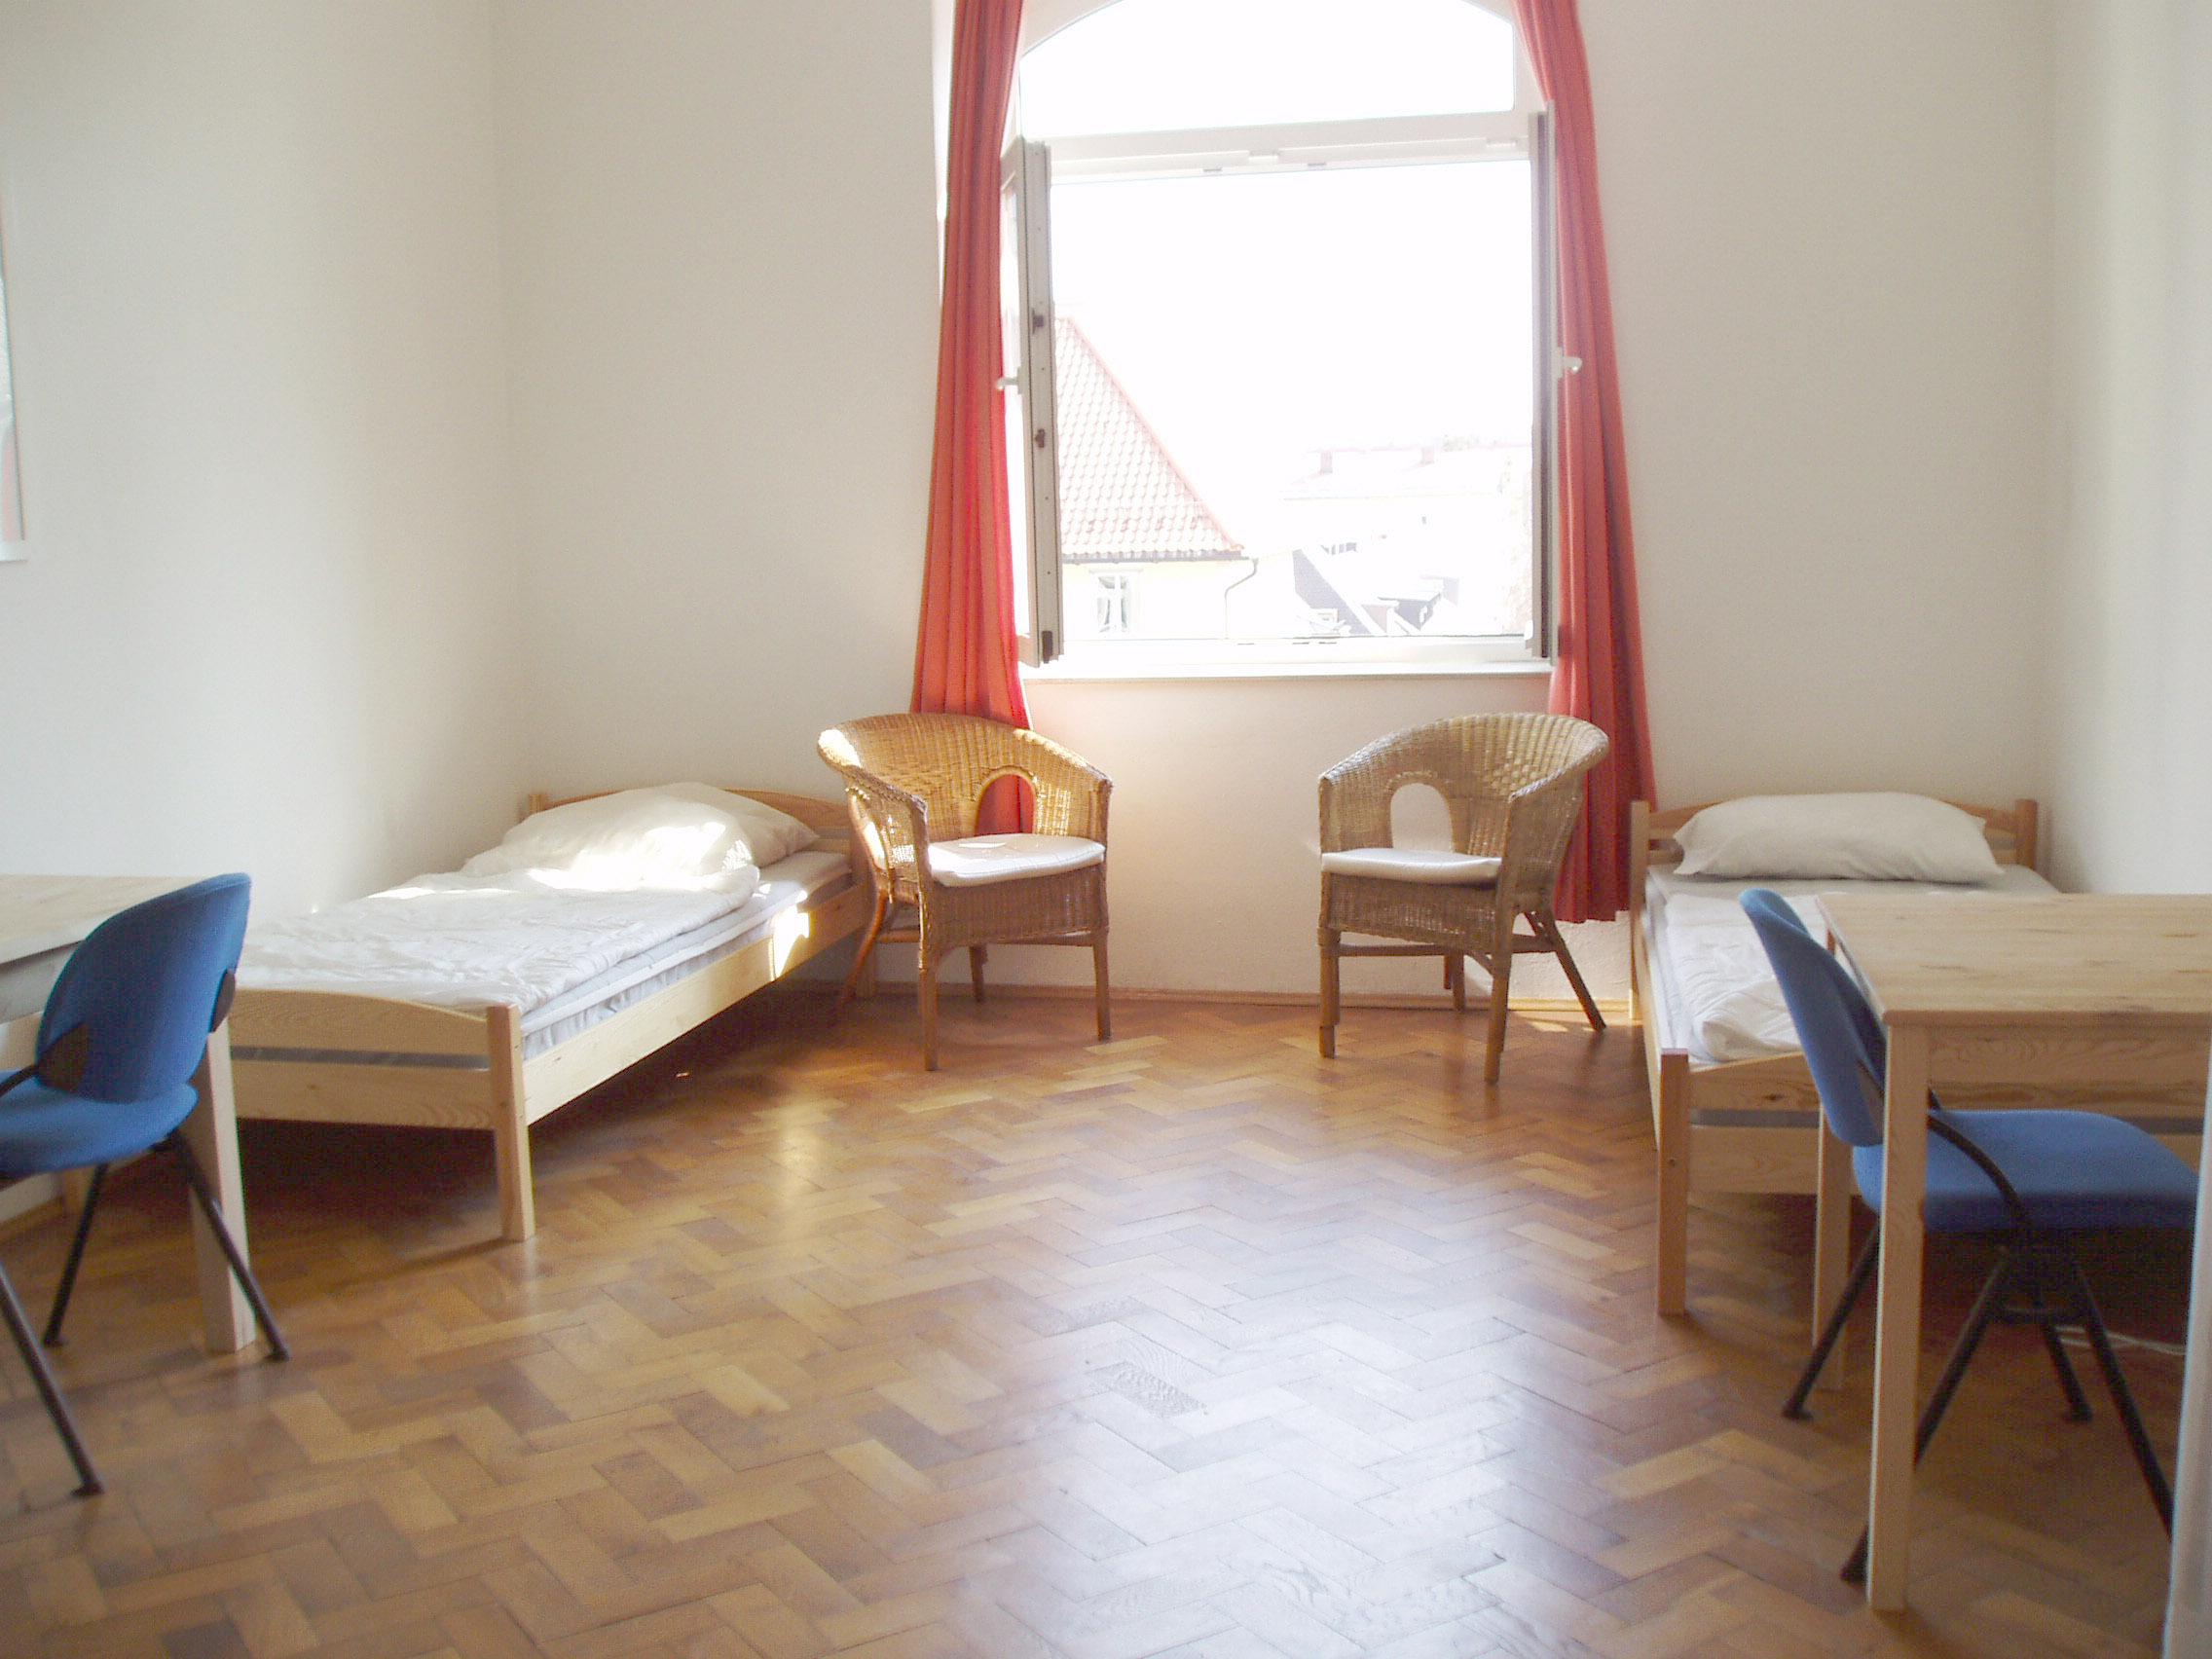 Shared Apartment in Munich